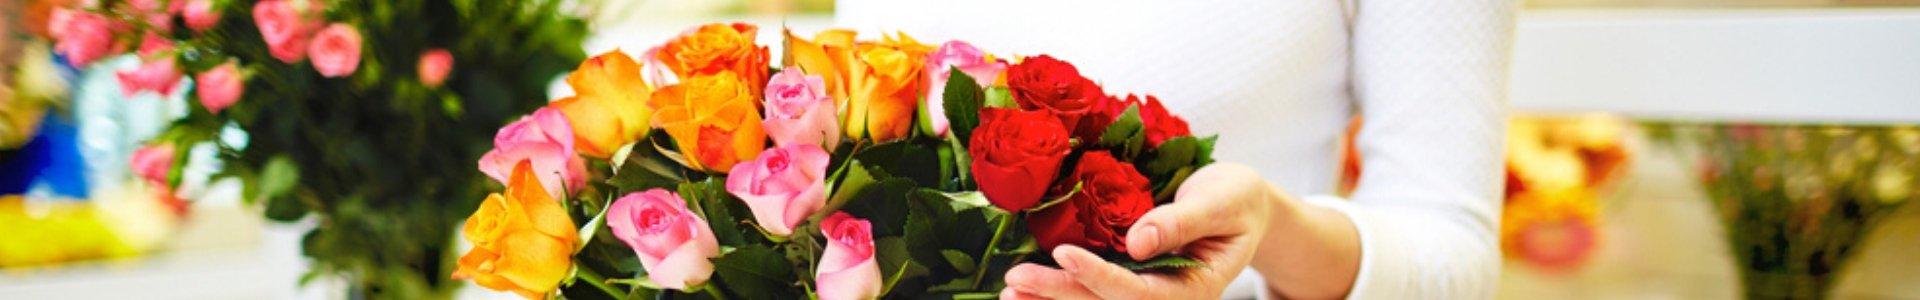 פרחים זה יעקב הגנן -בית שאן